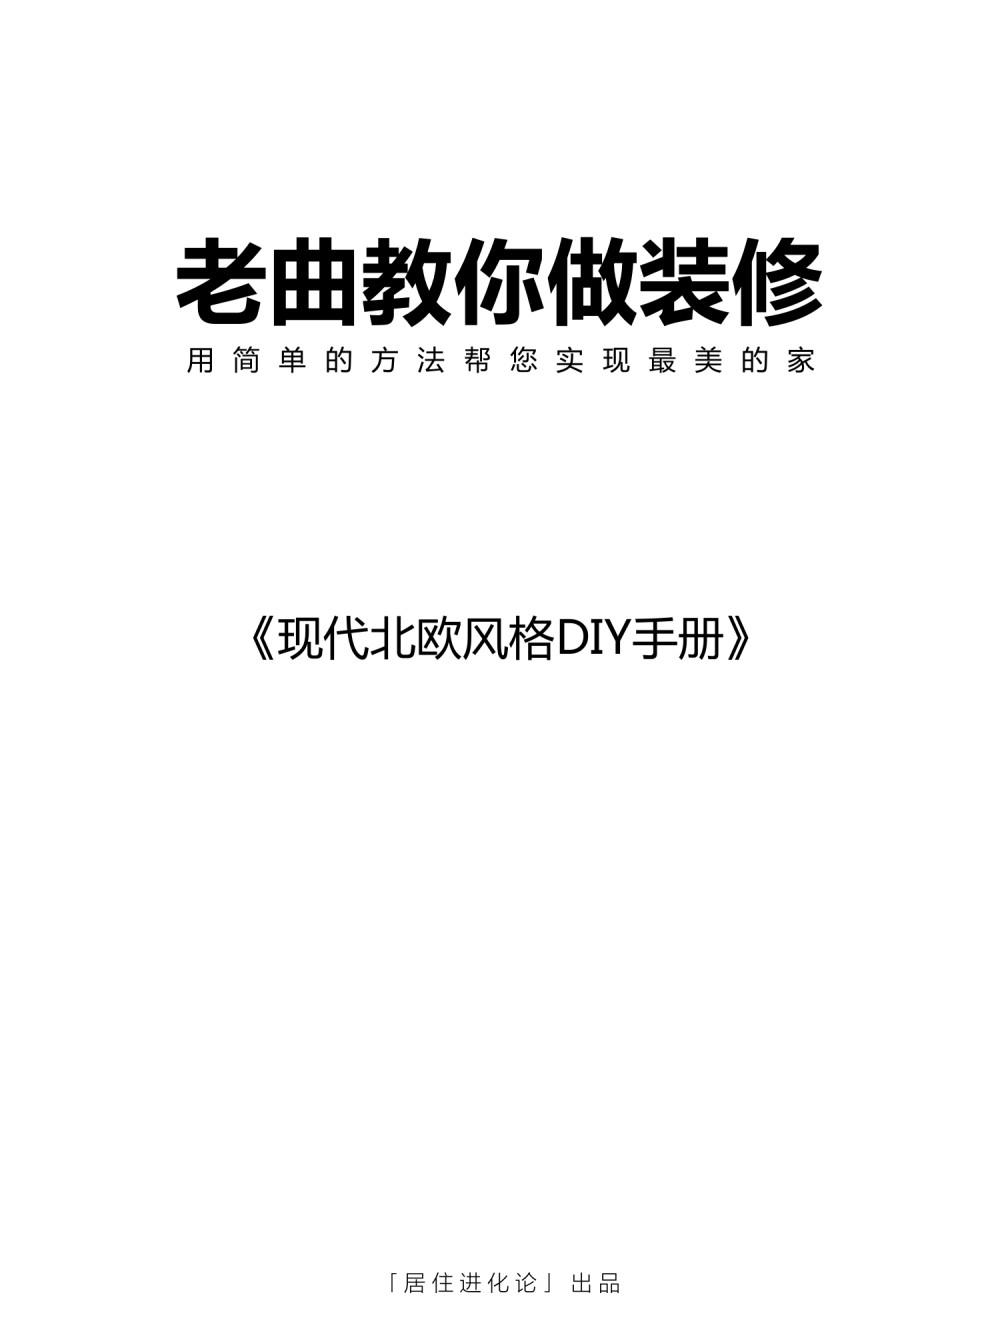 【指导手册】现代北欧风格DIY手册PDF+JPG 93P丨170M丨_01.jpg